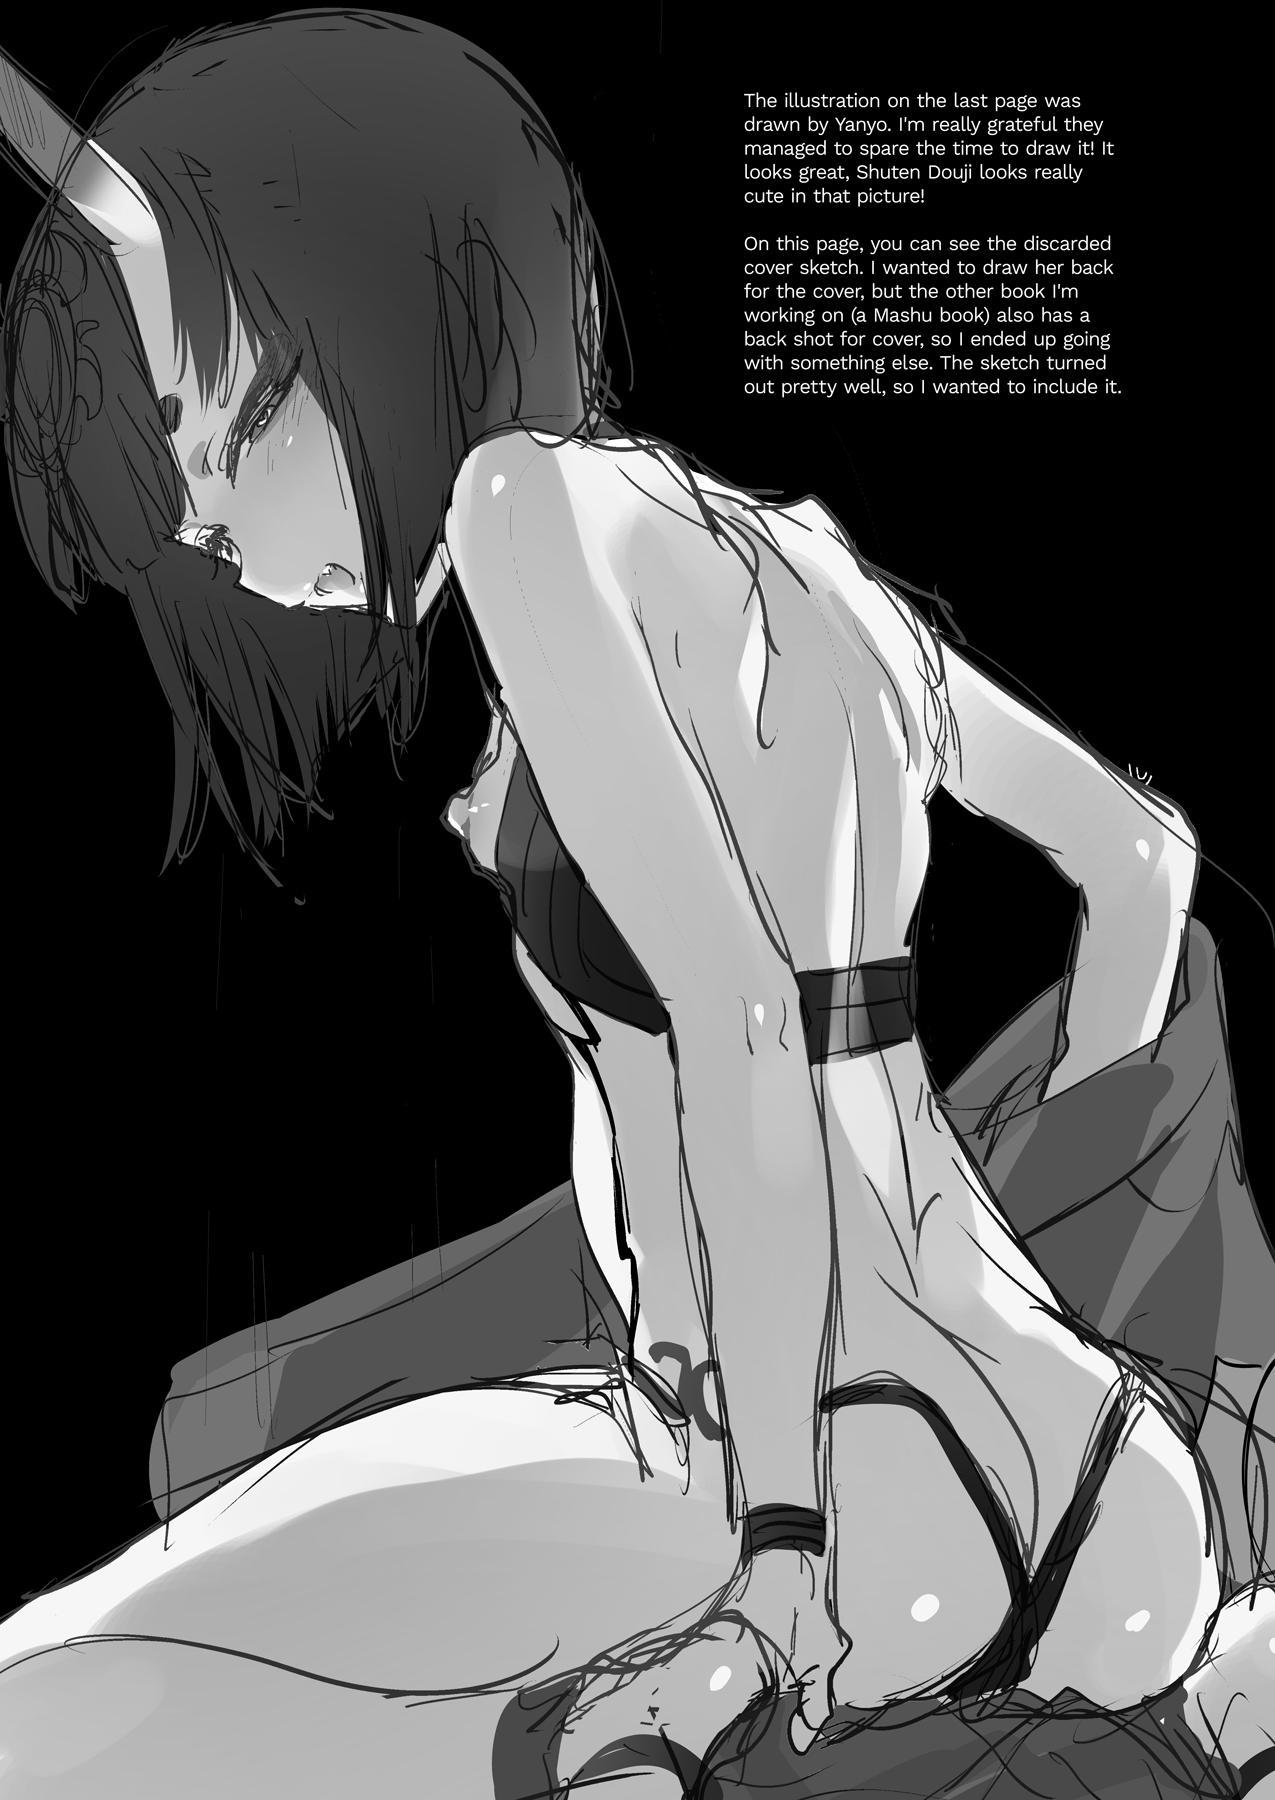 Shuten Douji ga Nuitekureru Hon | A Book About Getting Milked Dry by Shuten Douji 24